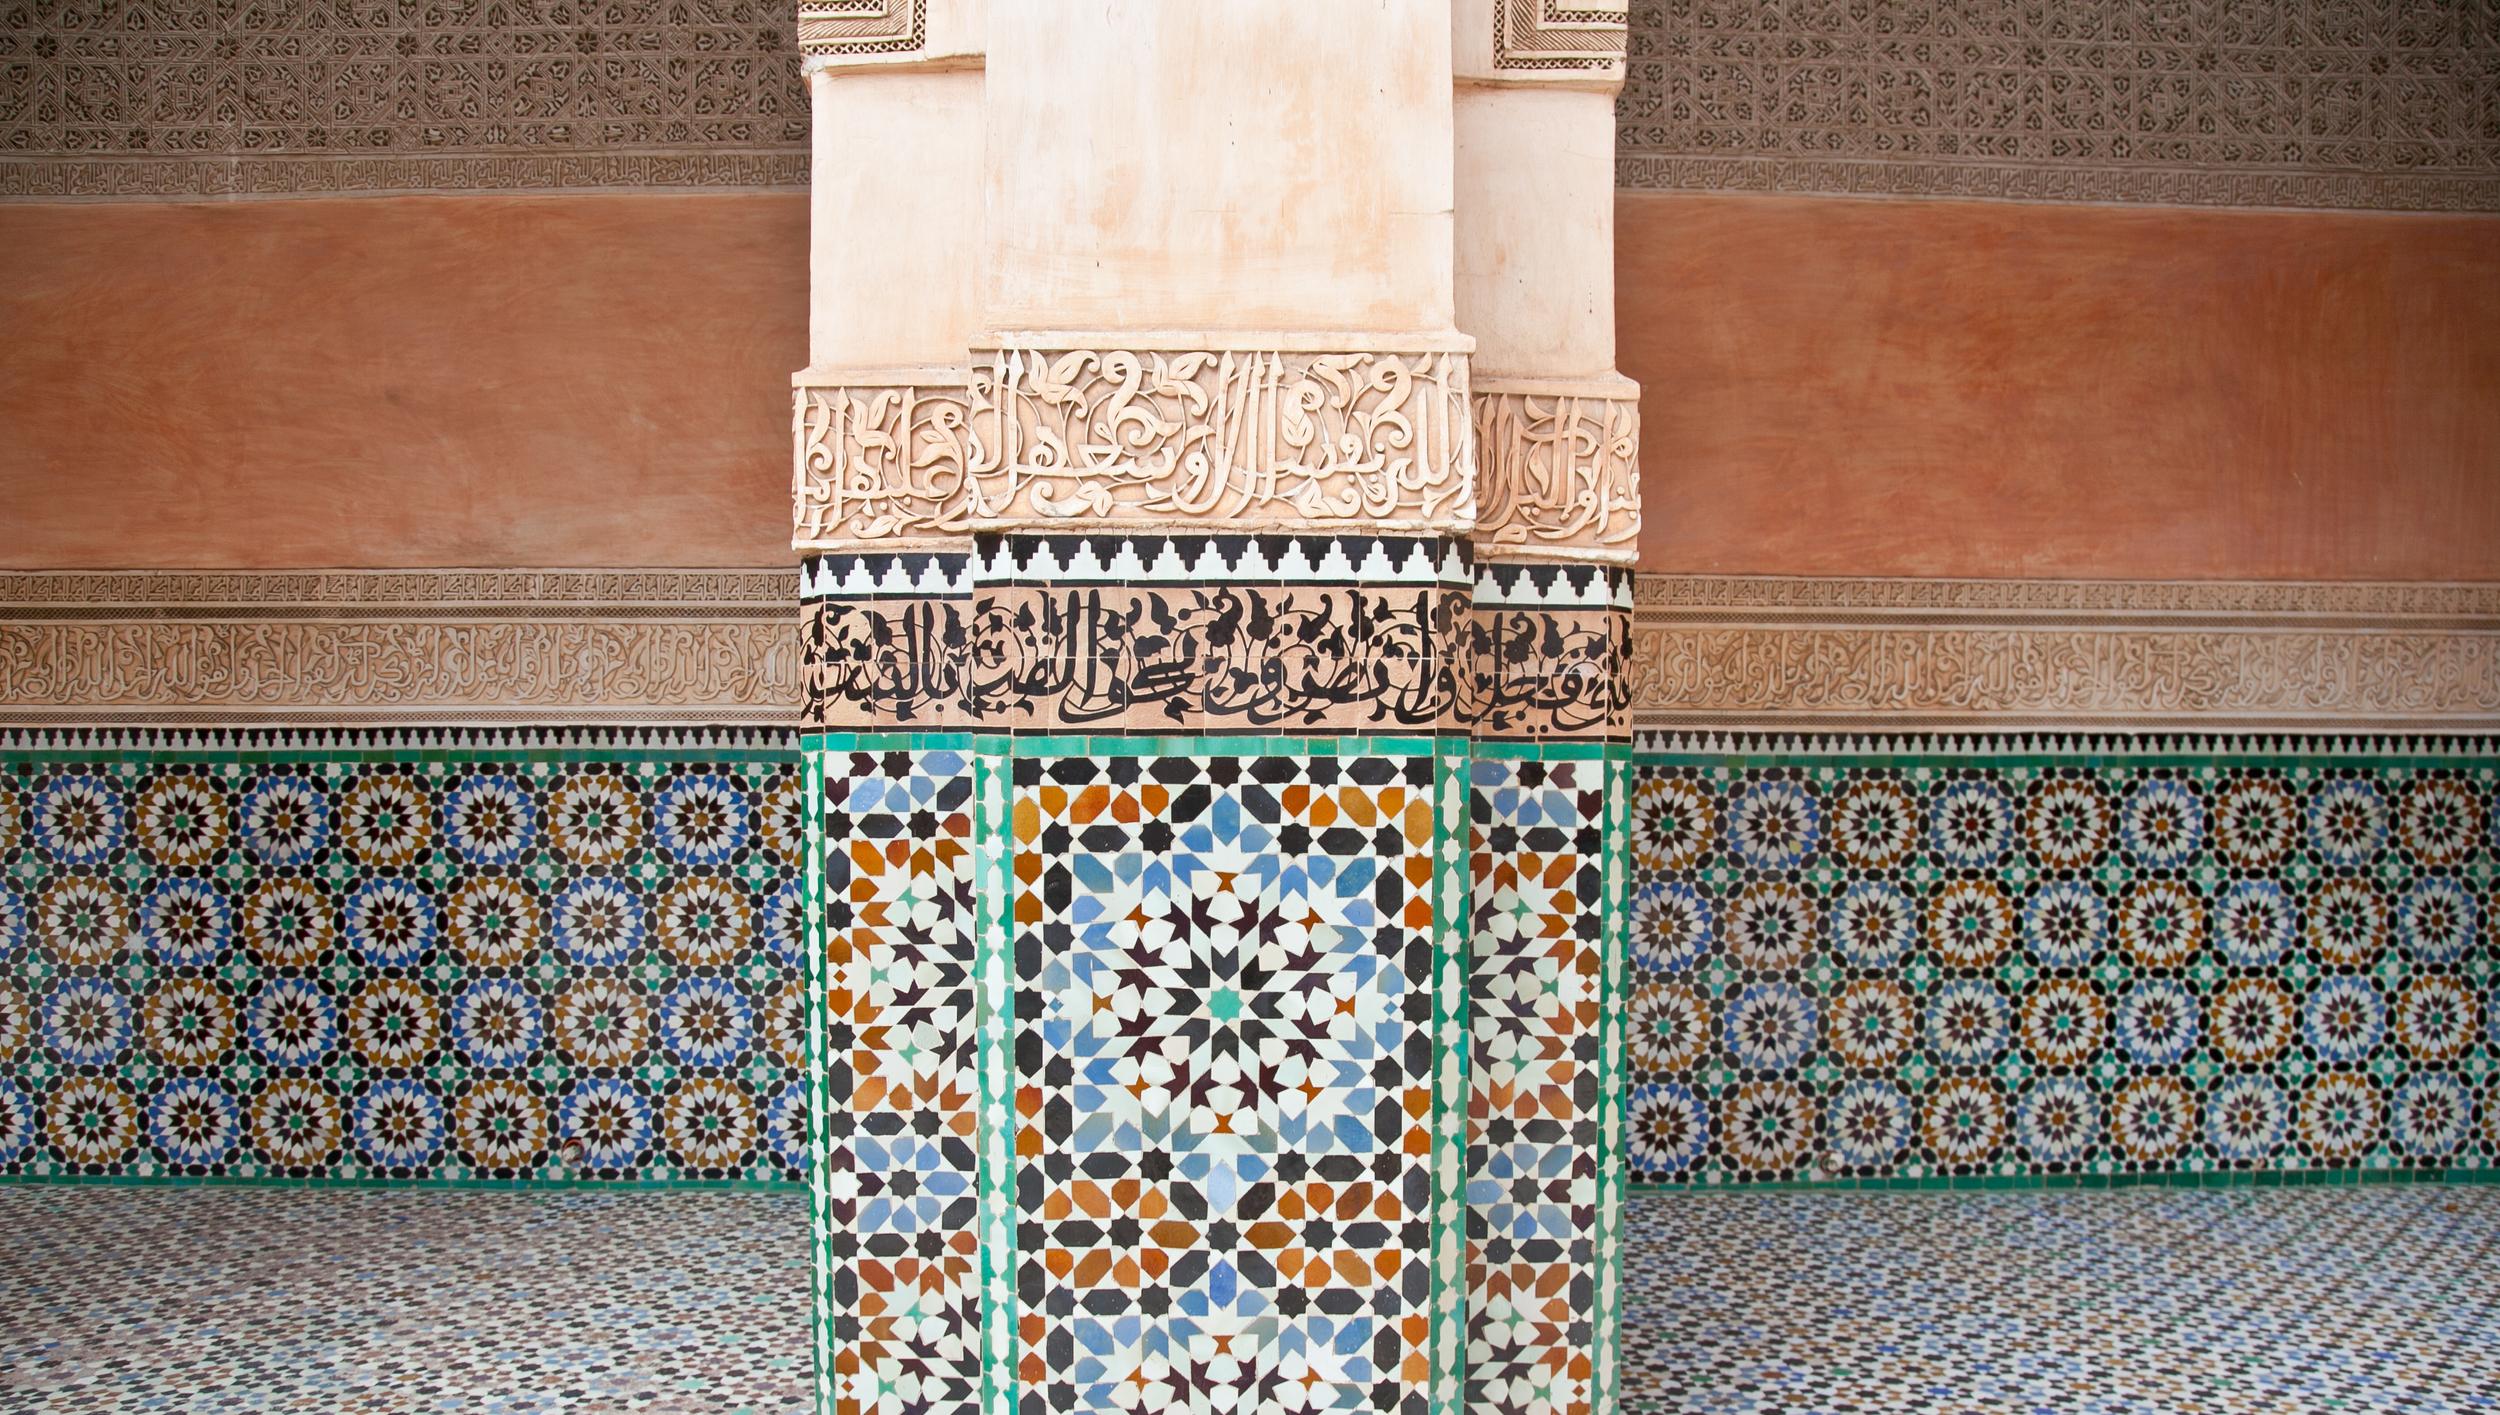 trisa-taro-marrakech-morocco-IMG_2818.jpg